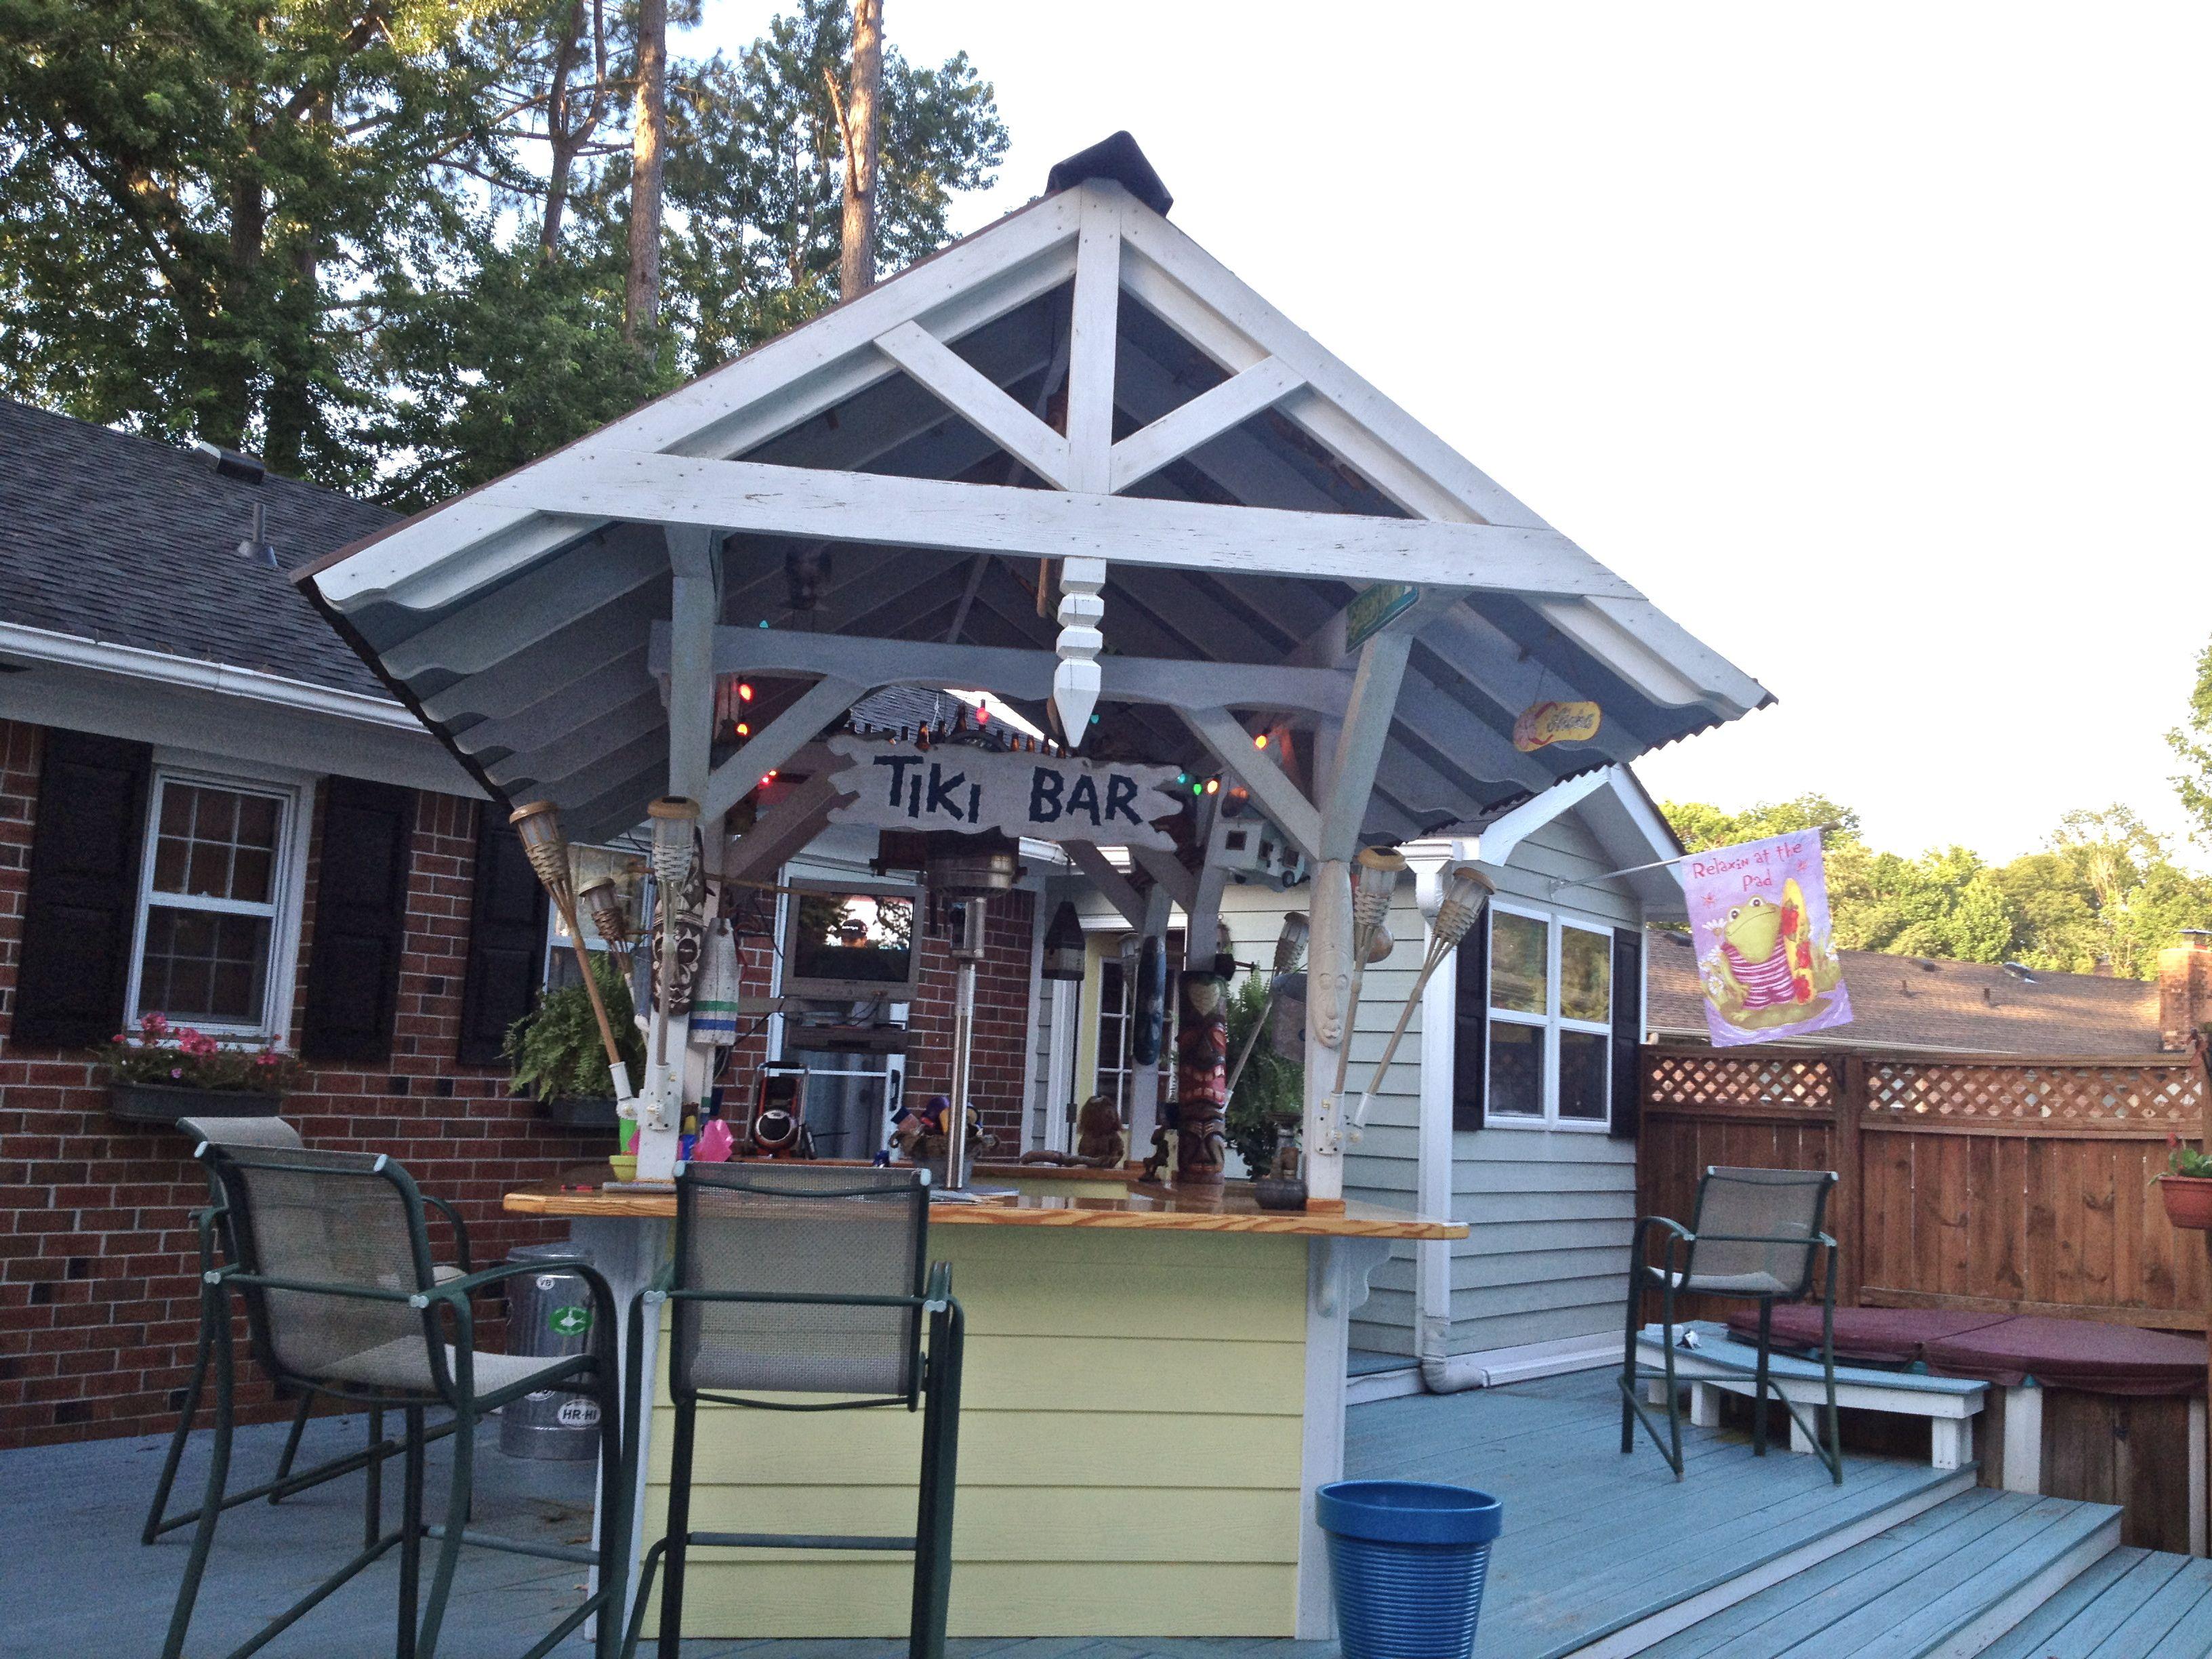 2015 13 Backyard Tiki Bar Ideas On Backyard Tiki Bar ... on Tiki Bar Designs For Backyard id=92788